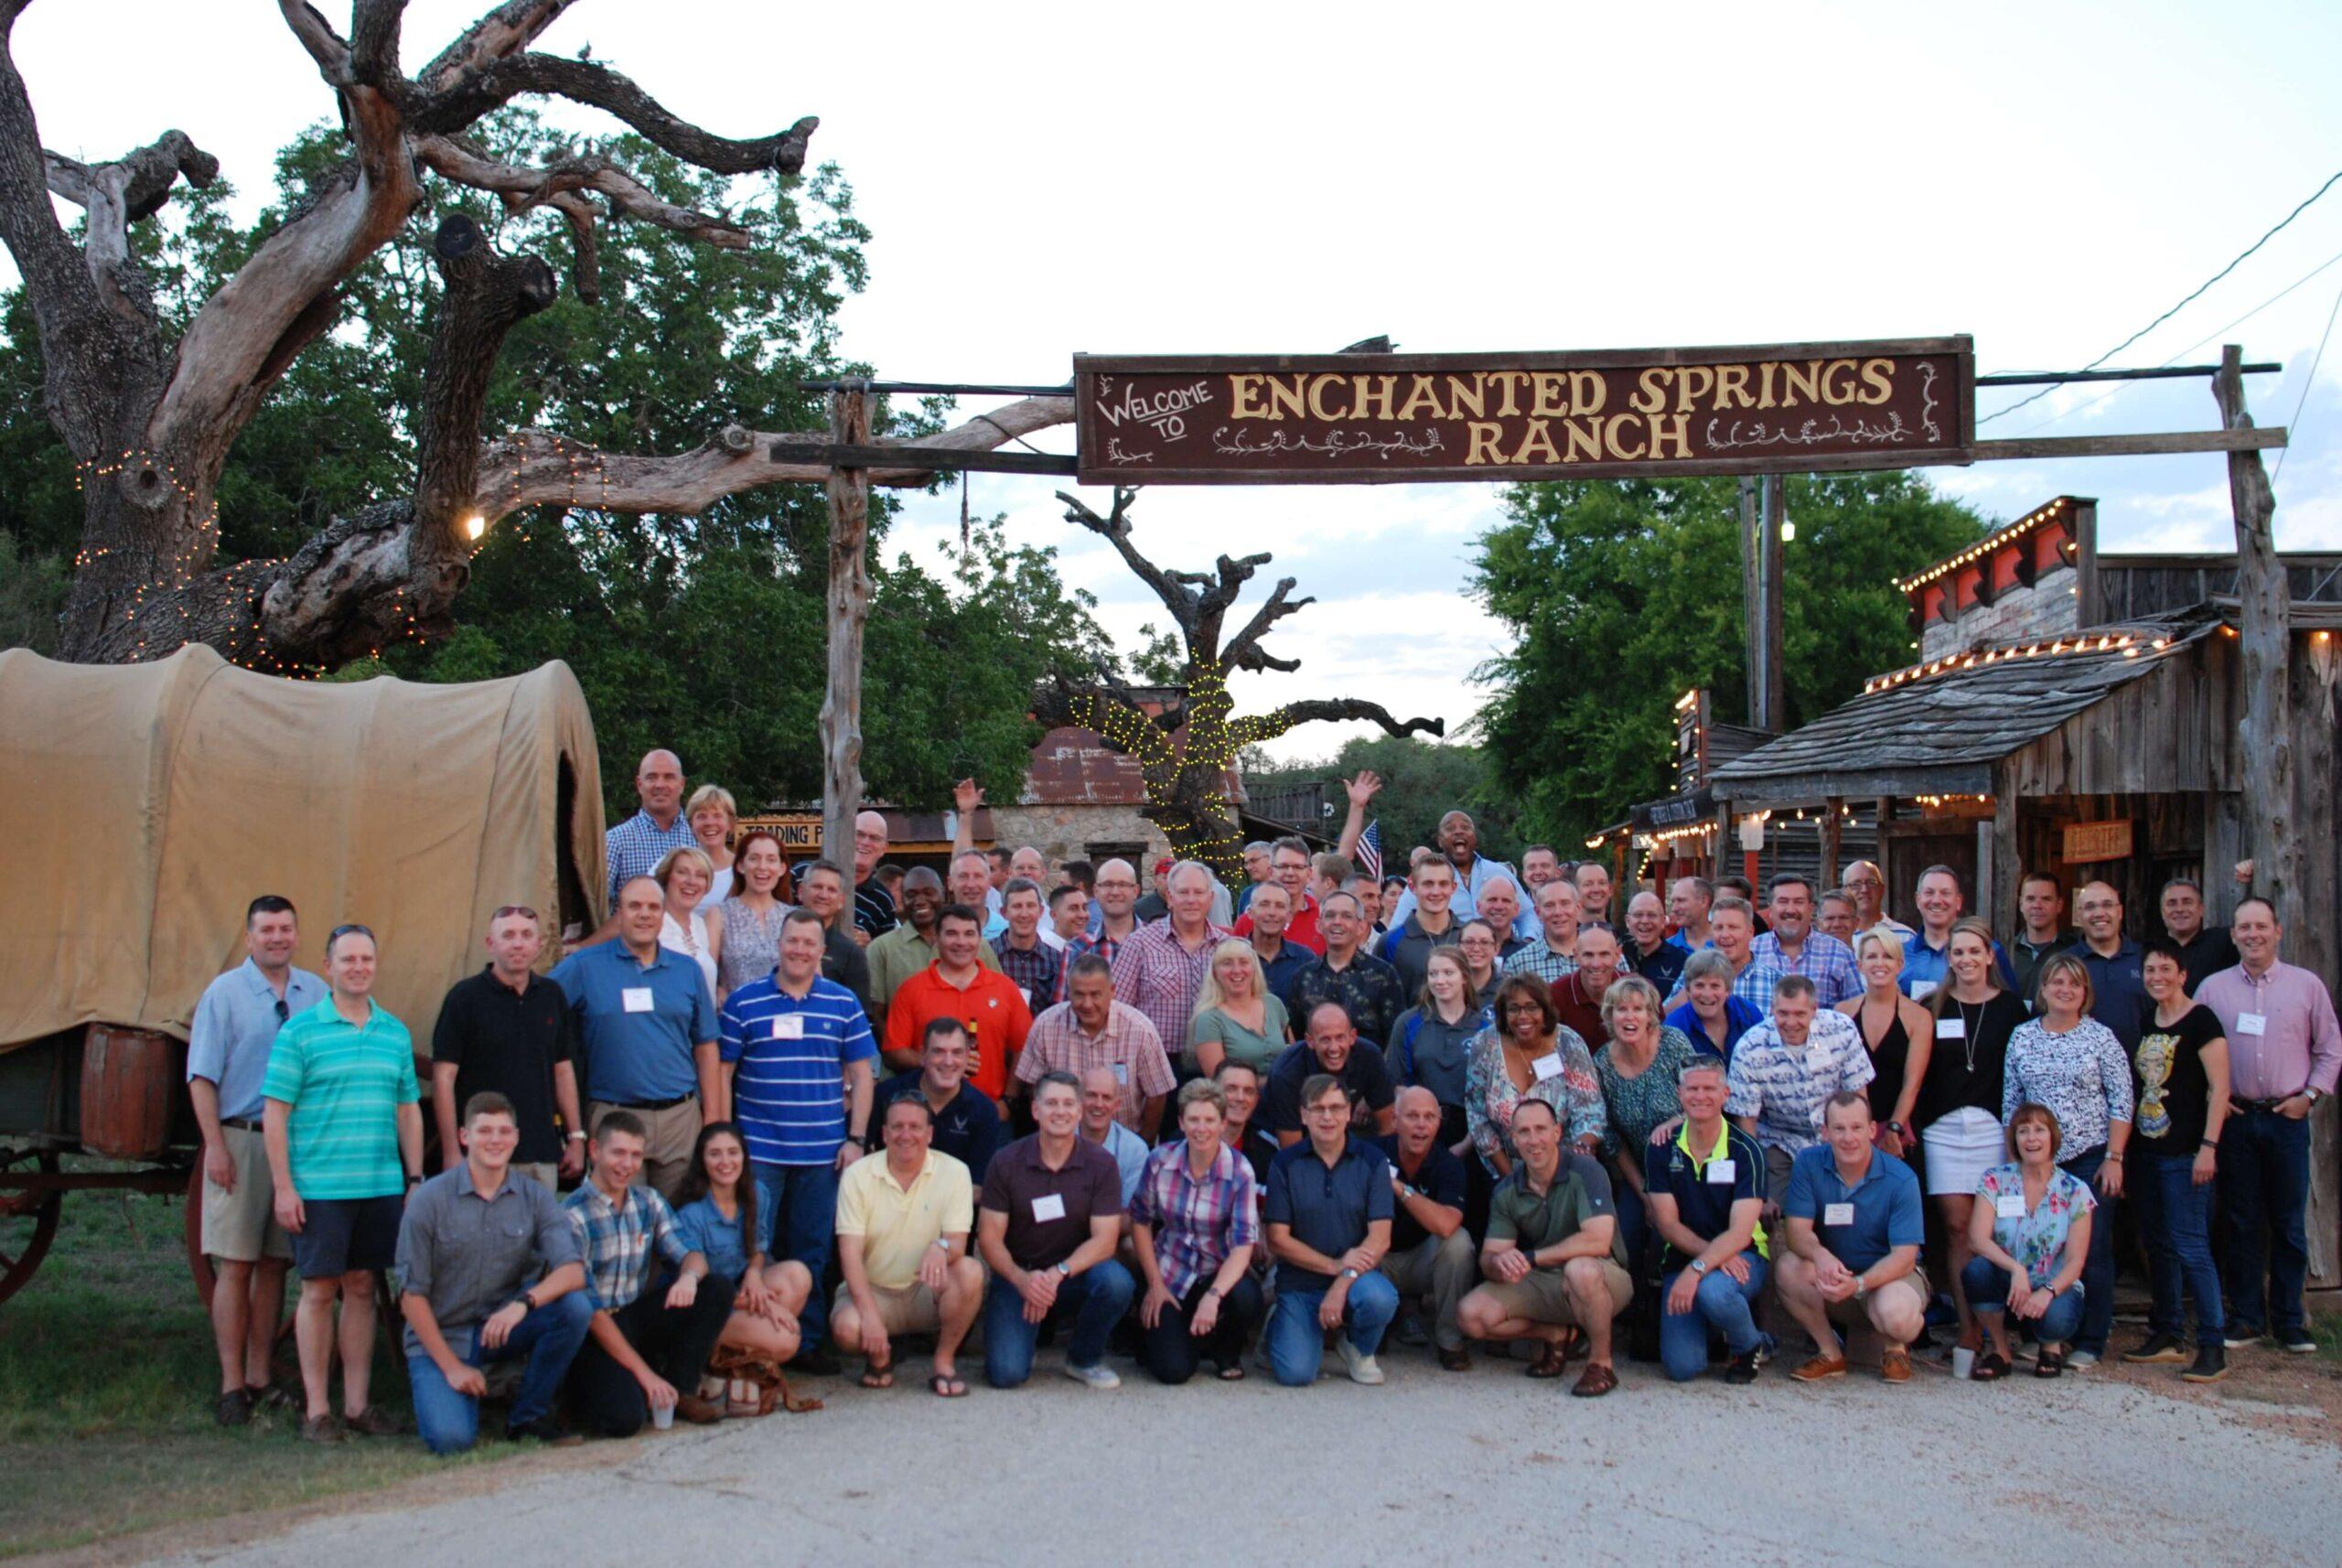 Army base guests enjoying a company picnic at Enchanted Springs Ranch